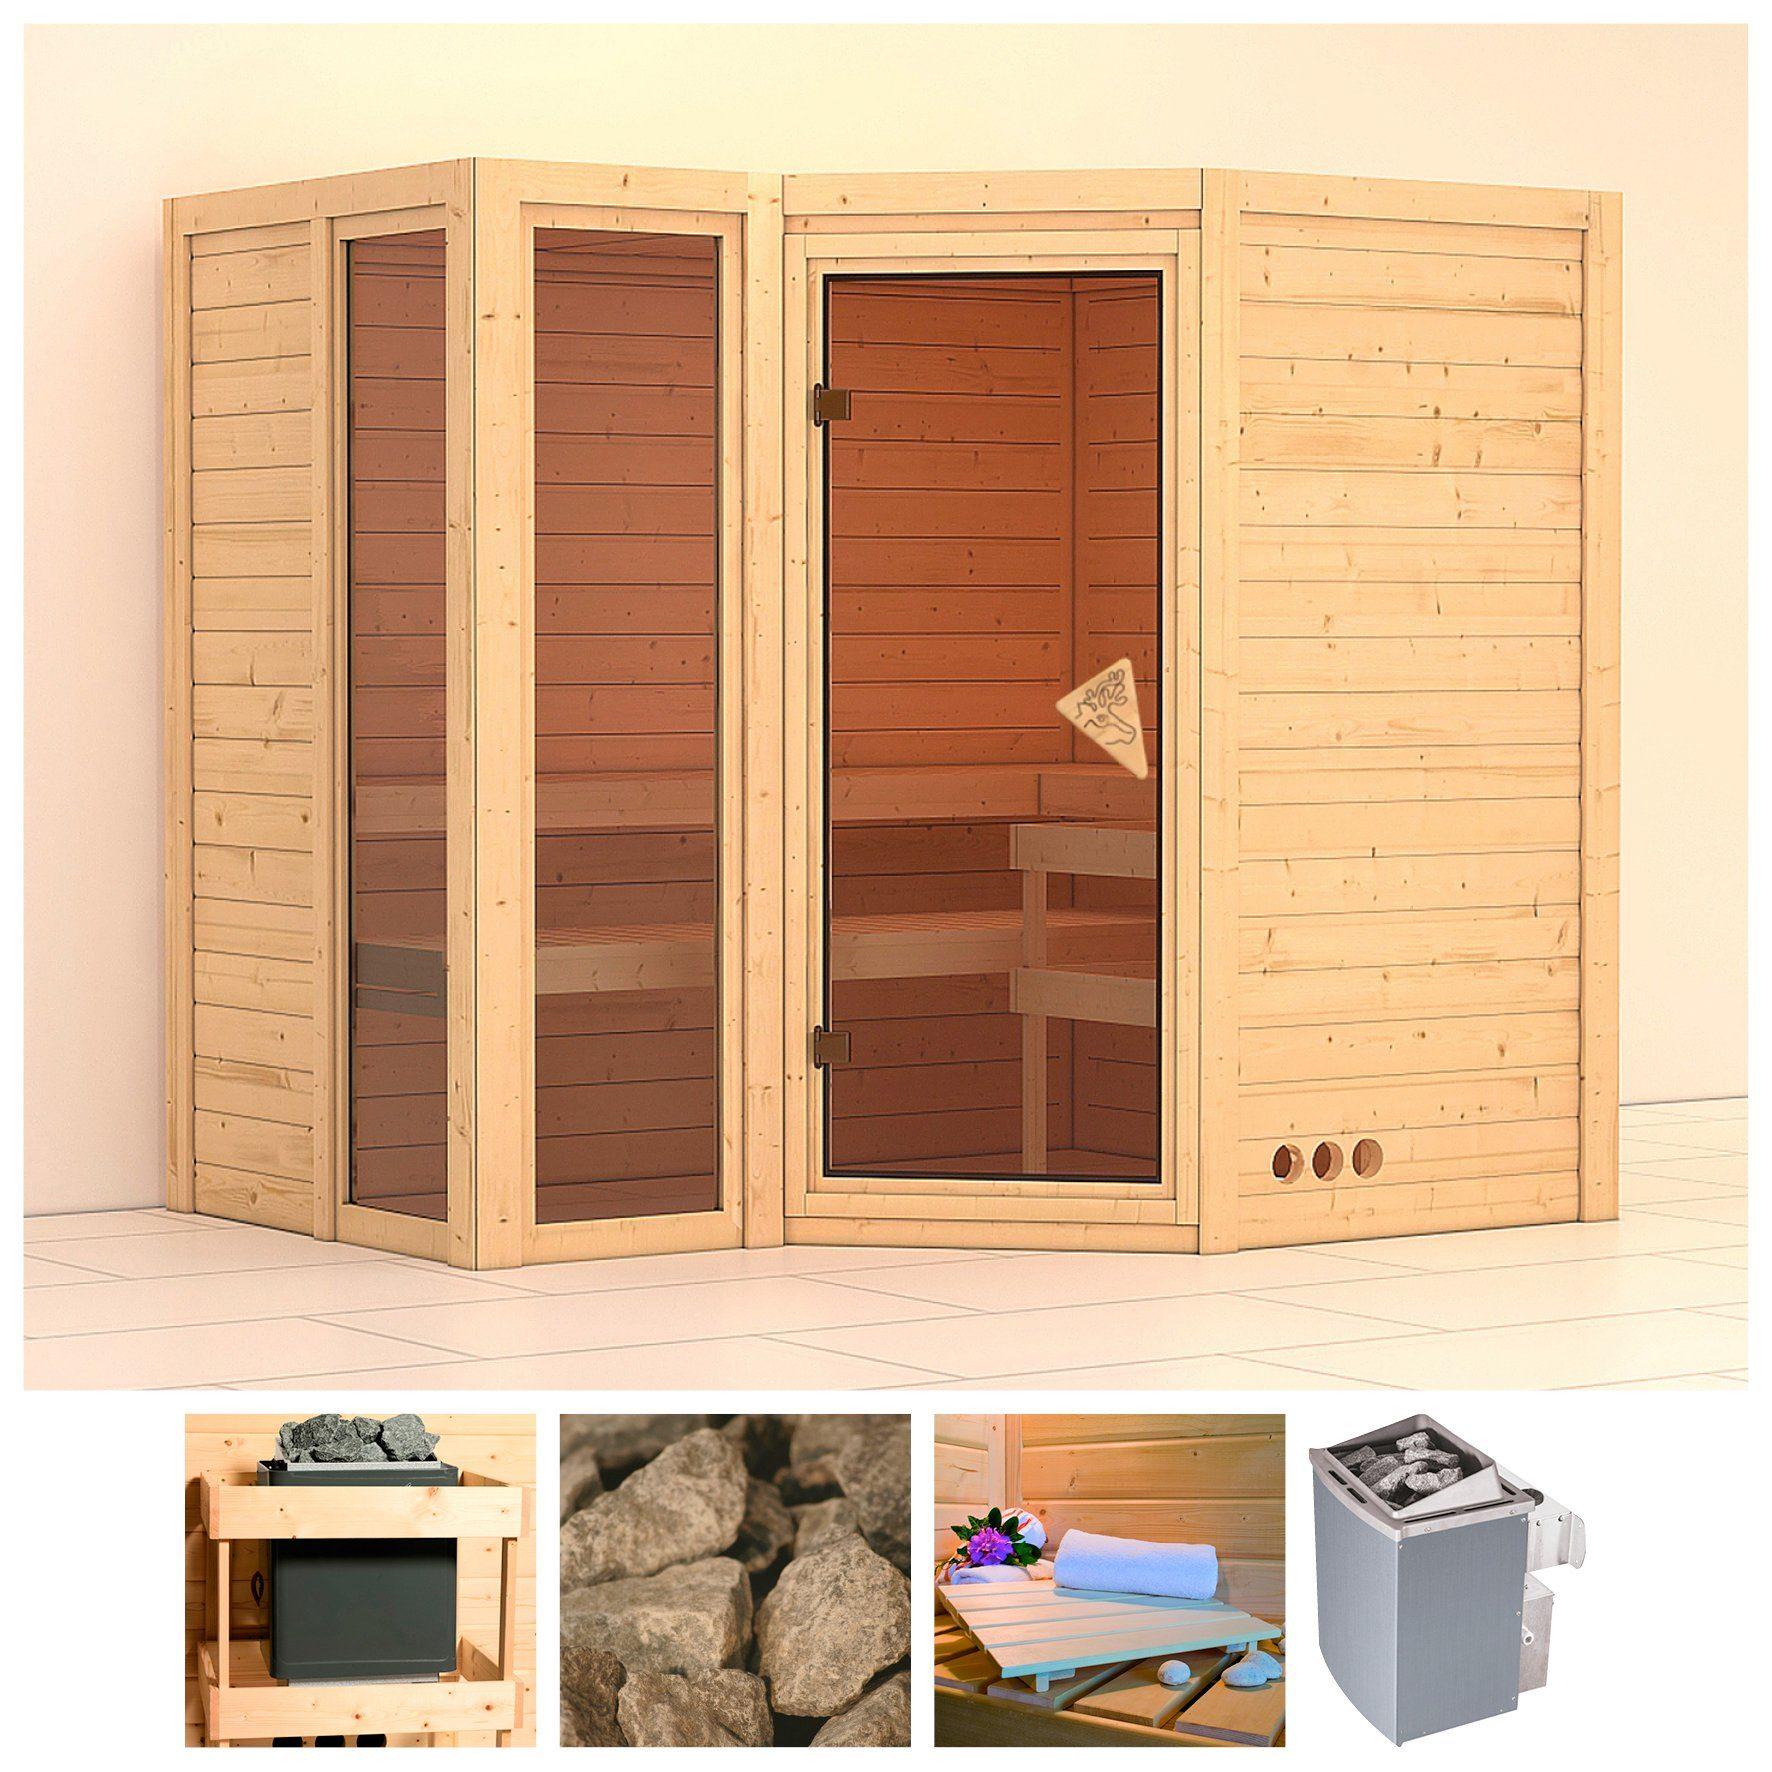 KARIBU Sauna »Amara«, 236/184/206 cm, 40 mm, 9-kW-Ofen mit int. Steuerung